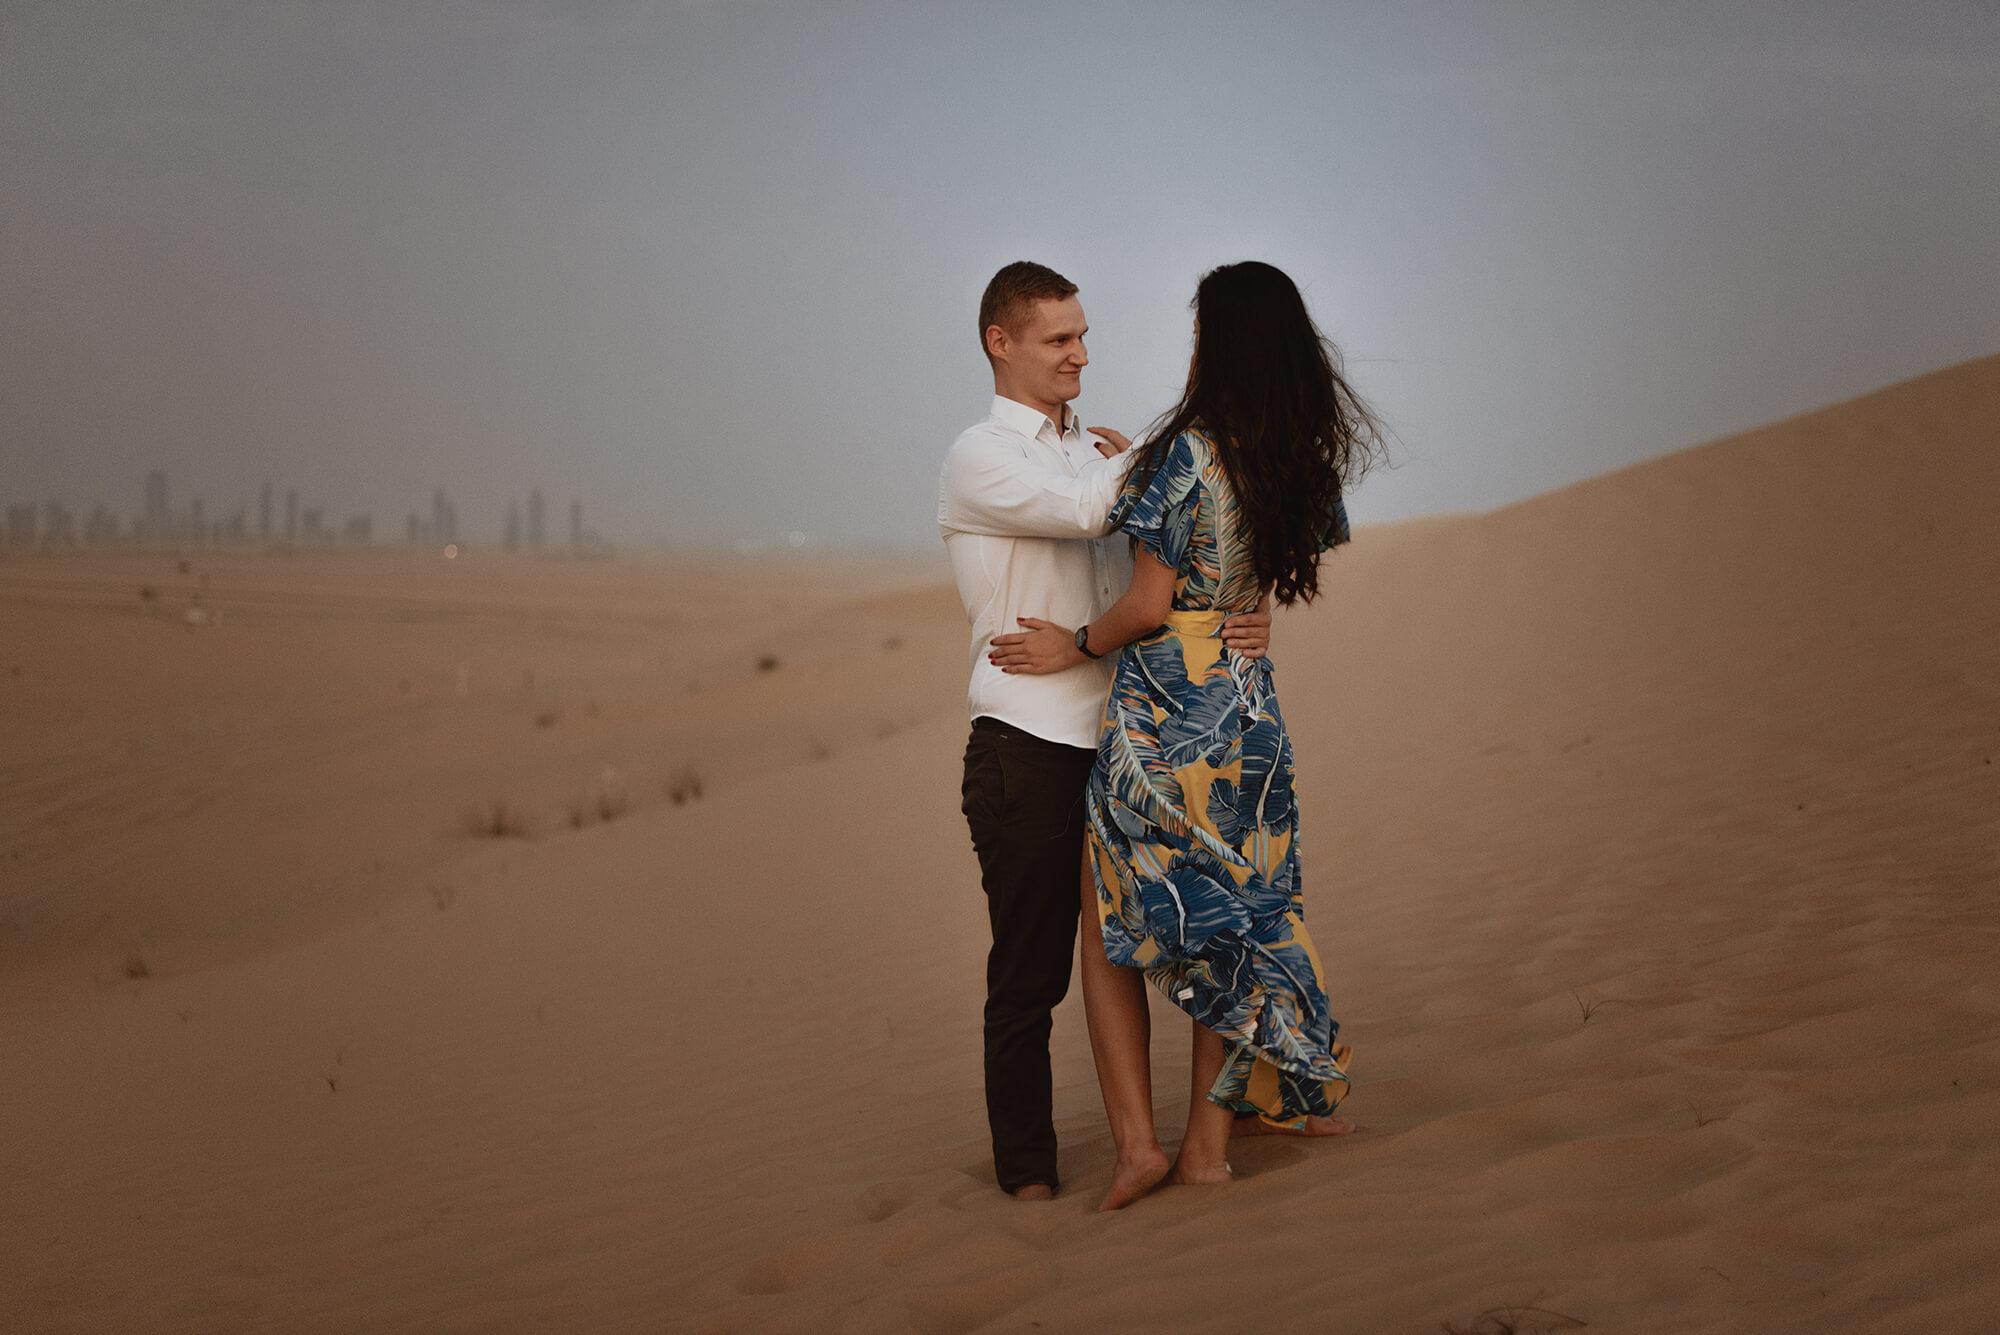 DSC 6557 78 2 - Citra + Kuba | miłość w Dubaju + 6 powodów dlaczego sesja narzeczeńska jest tak ważna